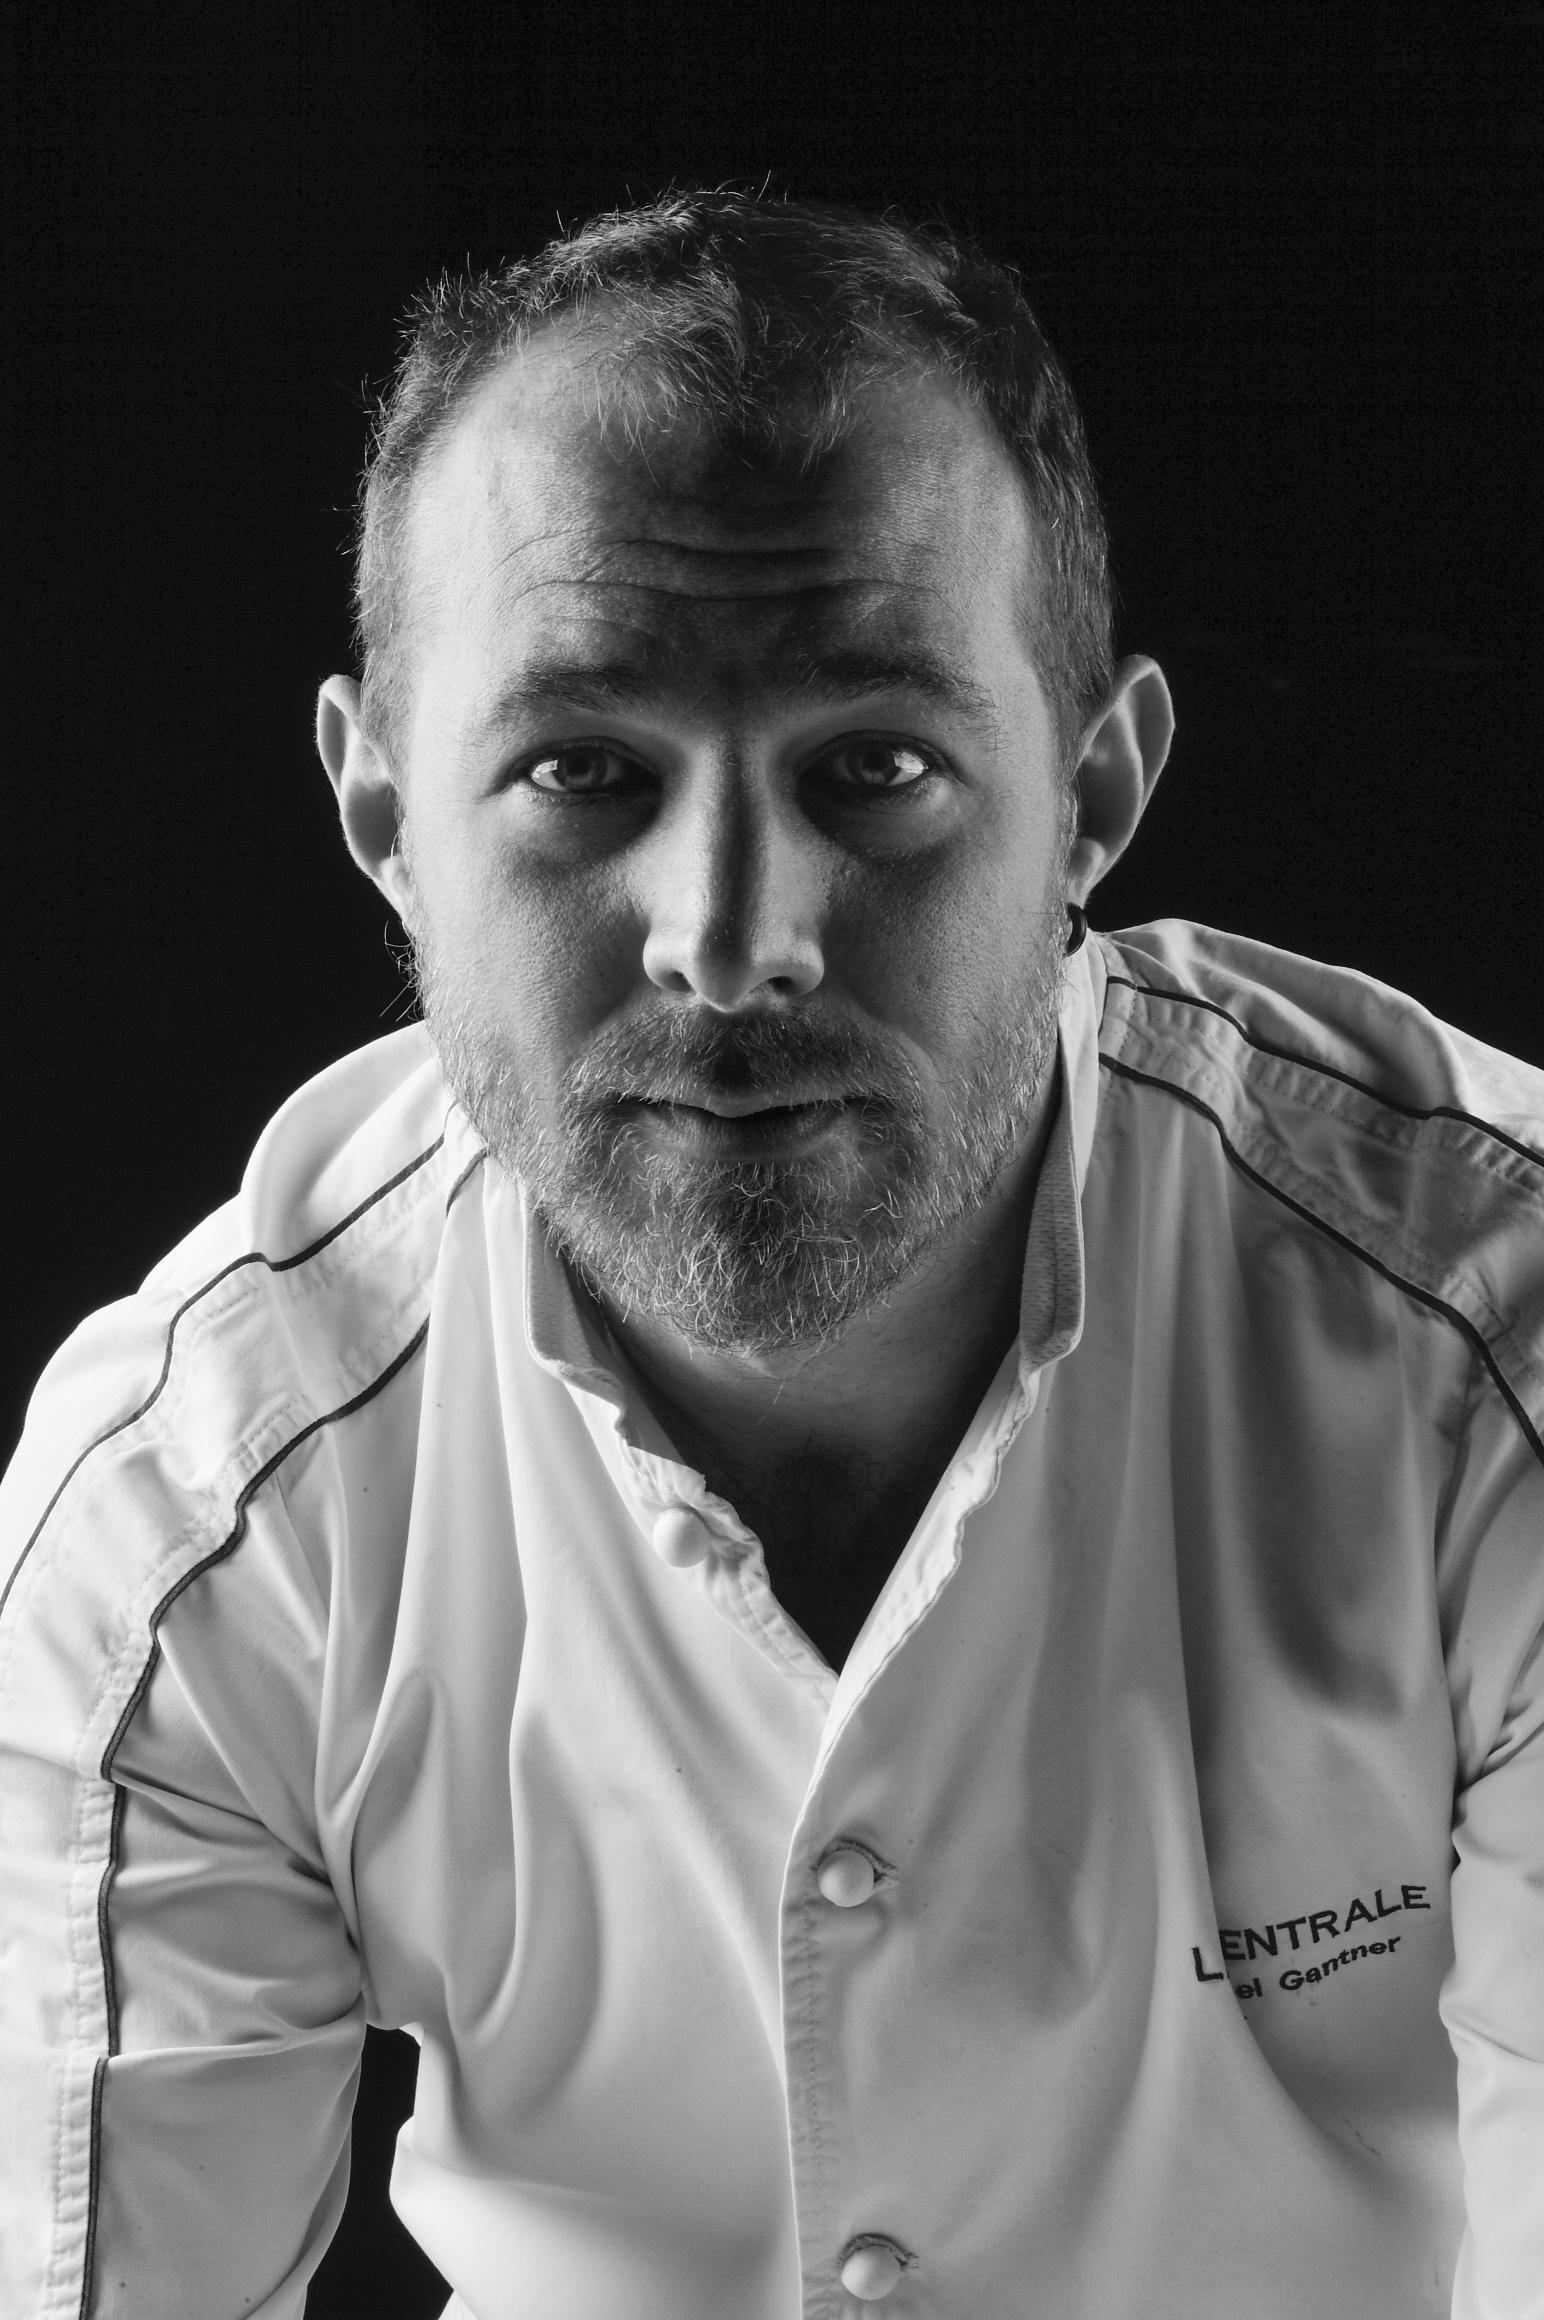 Mickael Gantner